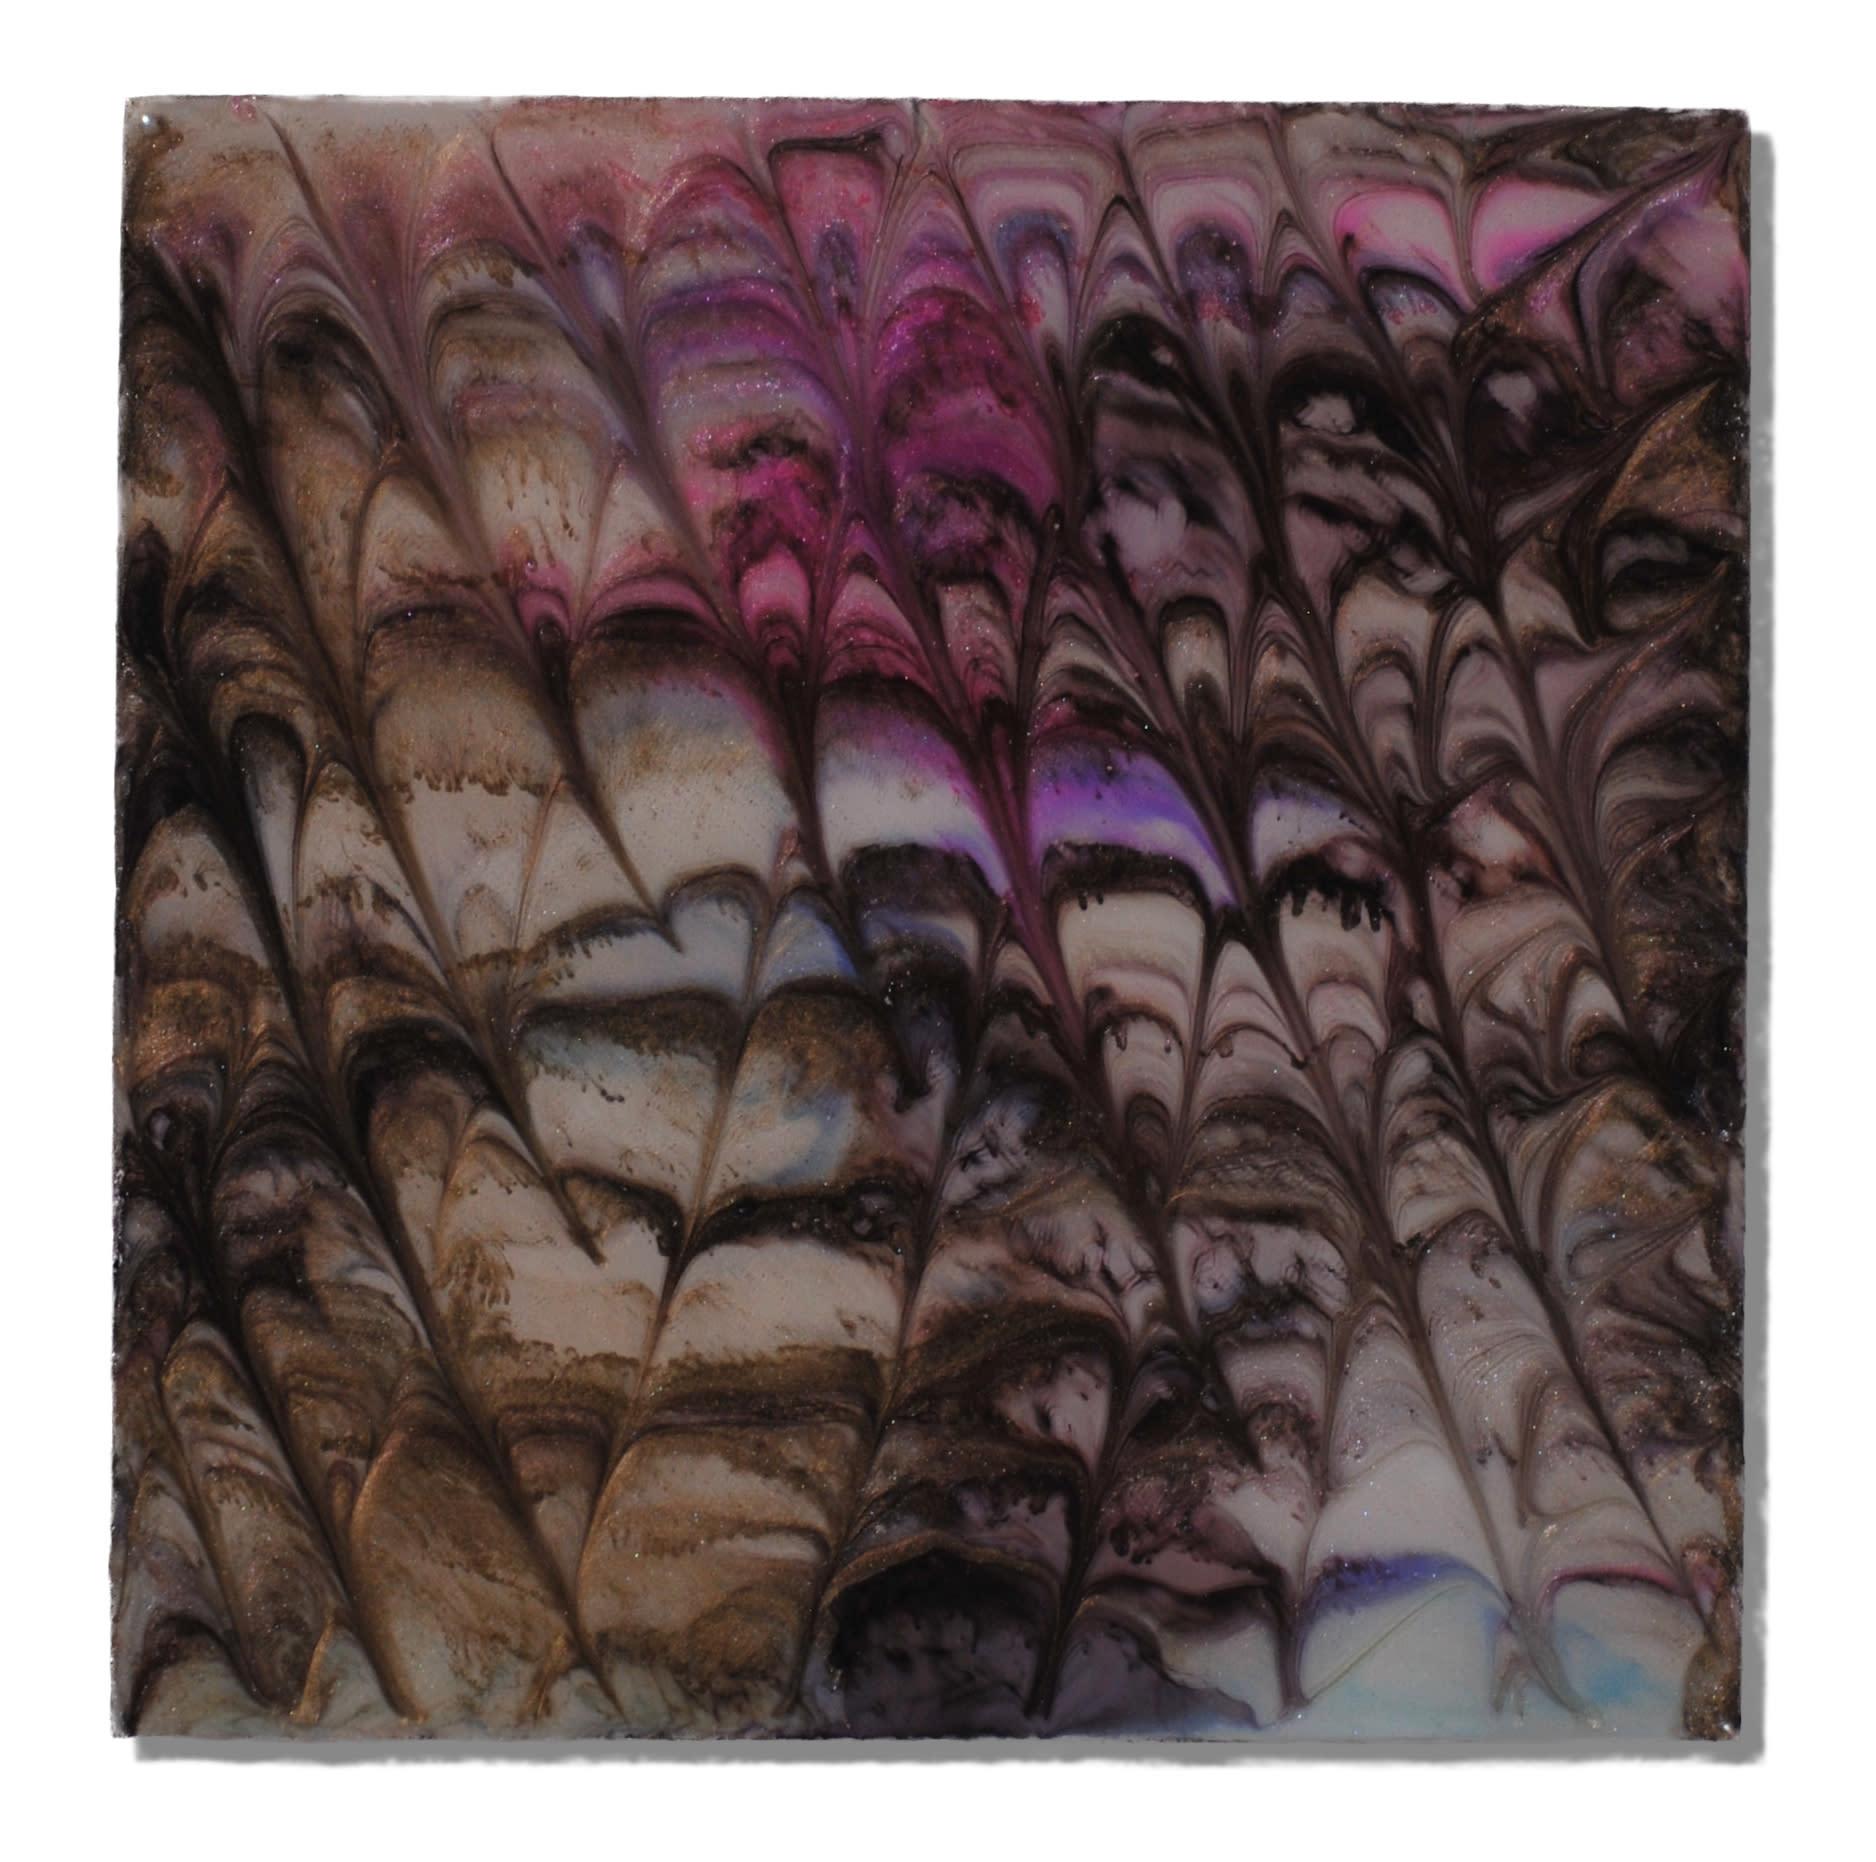 Purplerain2 09 15 2020 fsqzg0